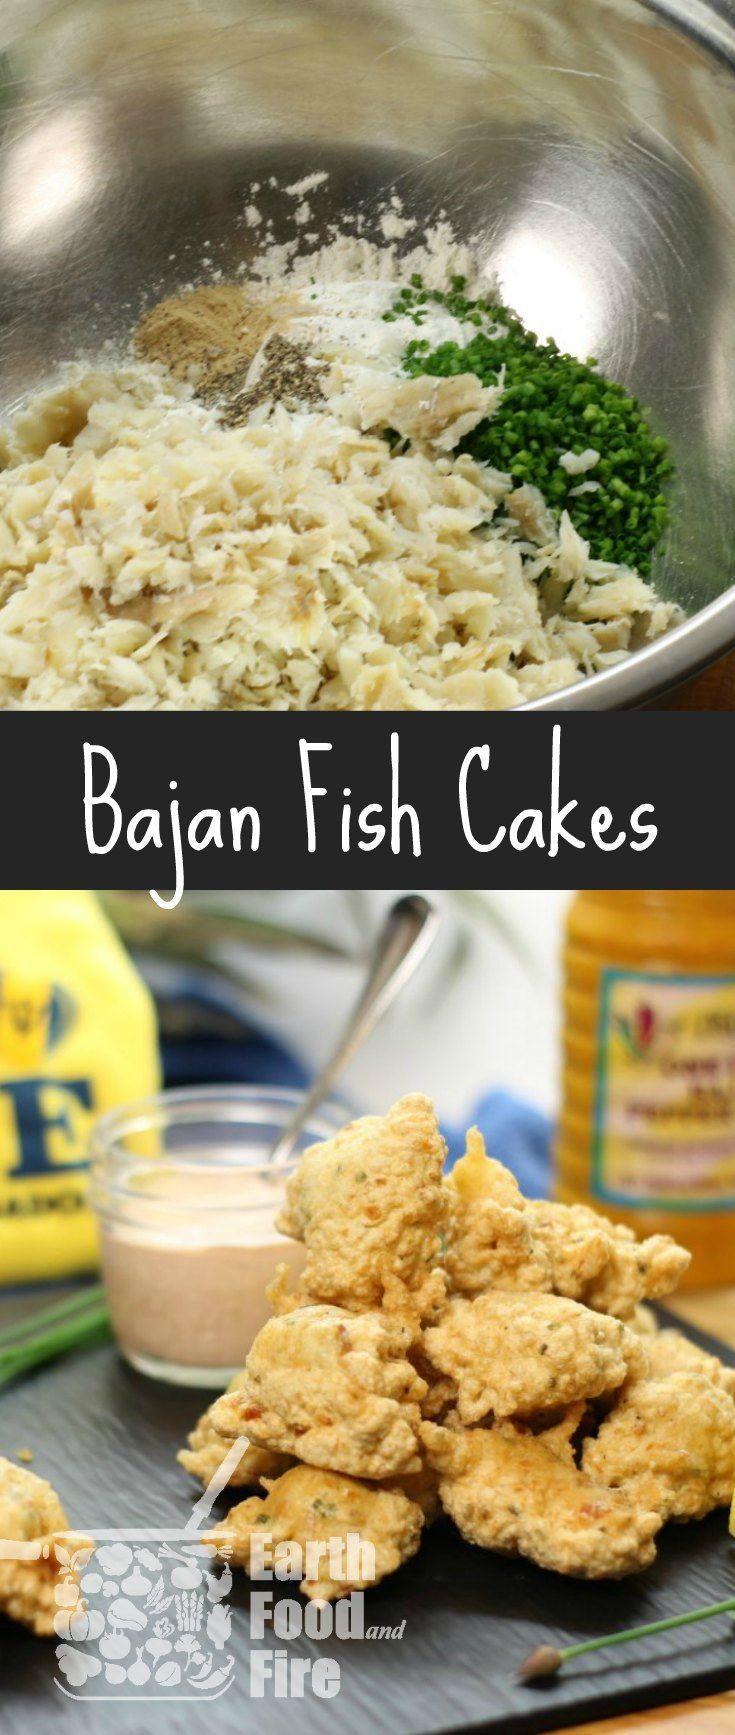 How To Make Bajan Salt Fish Cakes